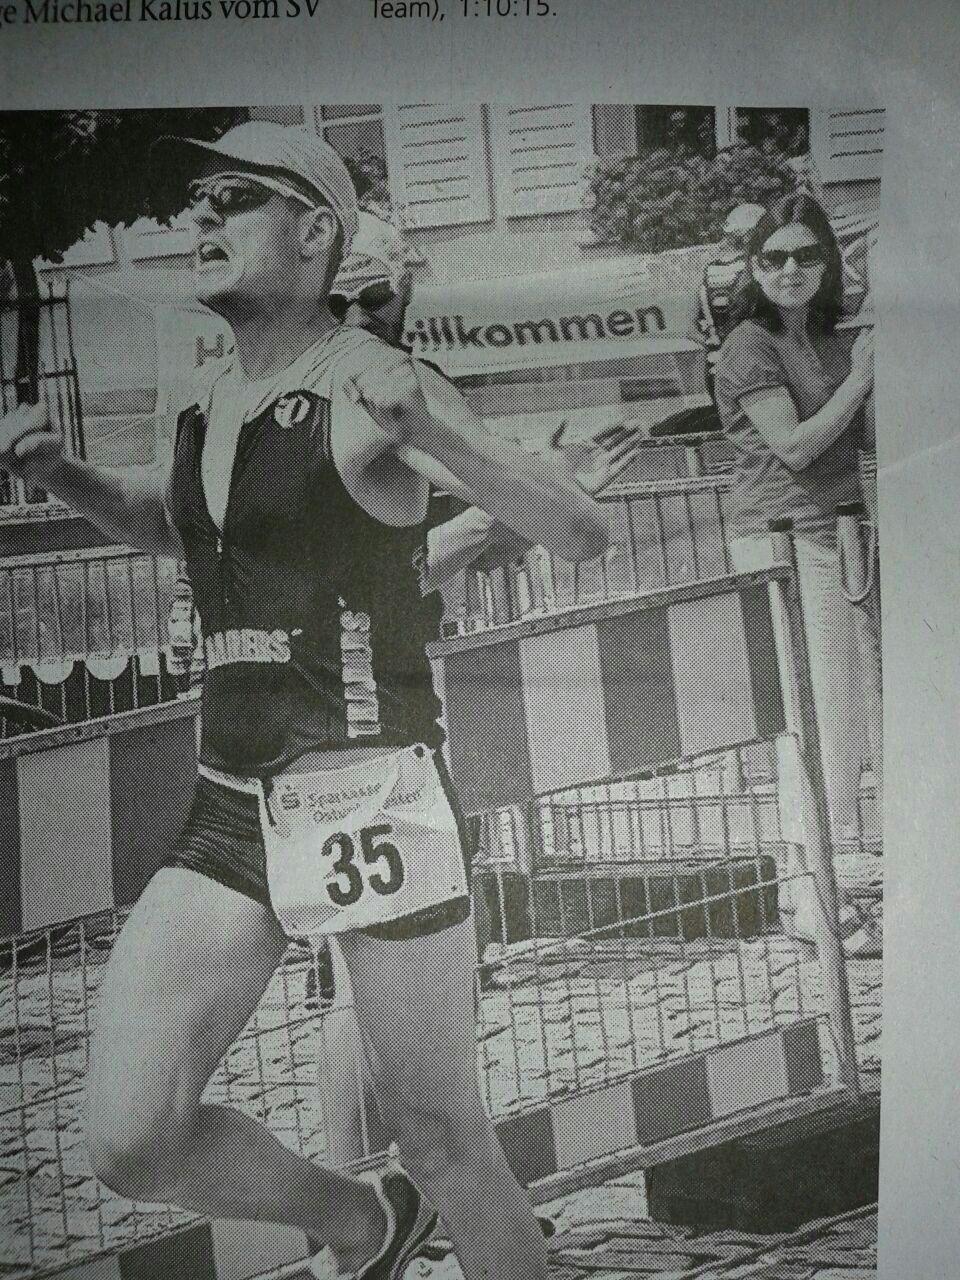 """Mein erster Triathlon-Sieg, oder der """"unmögliche"""" Moment"""